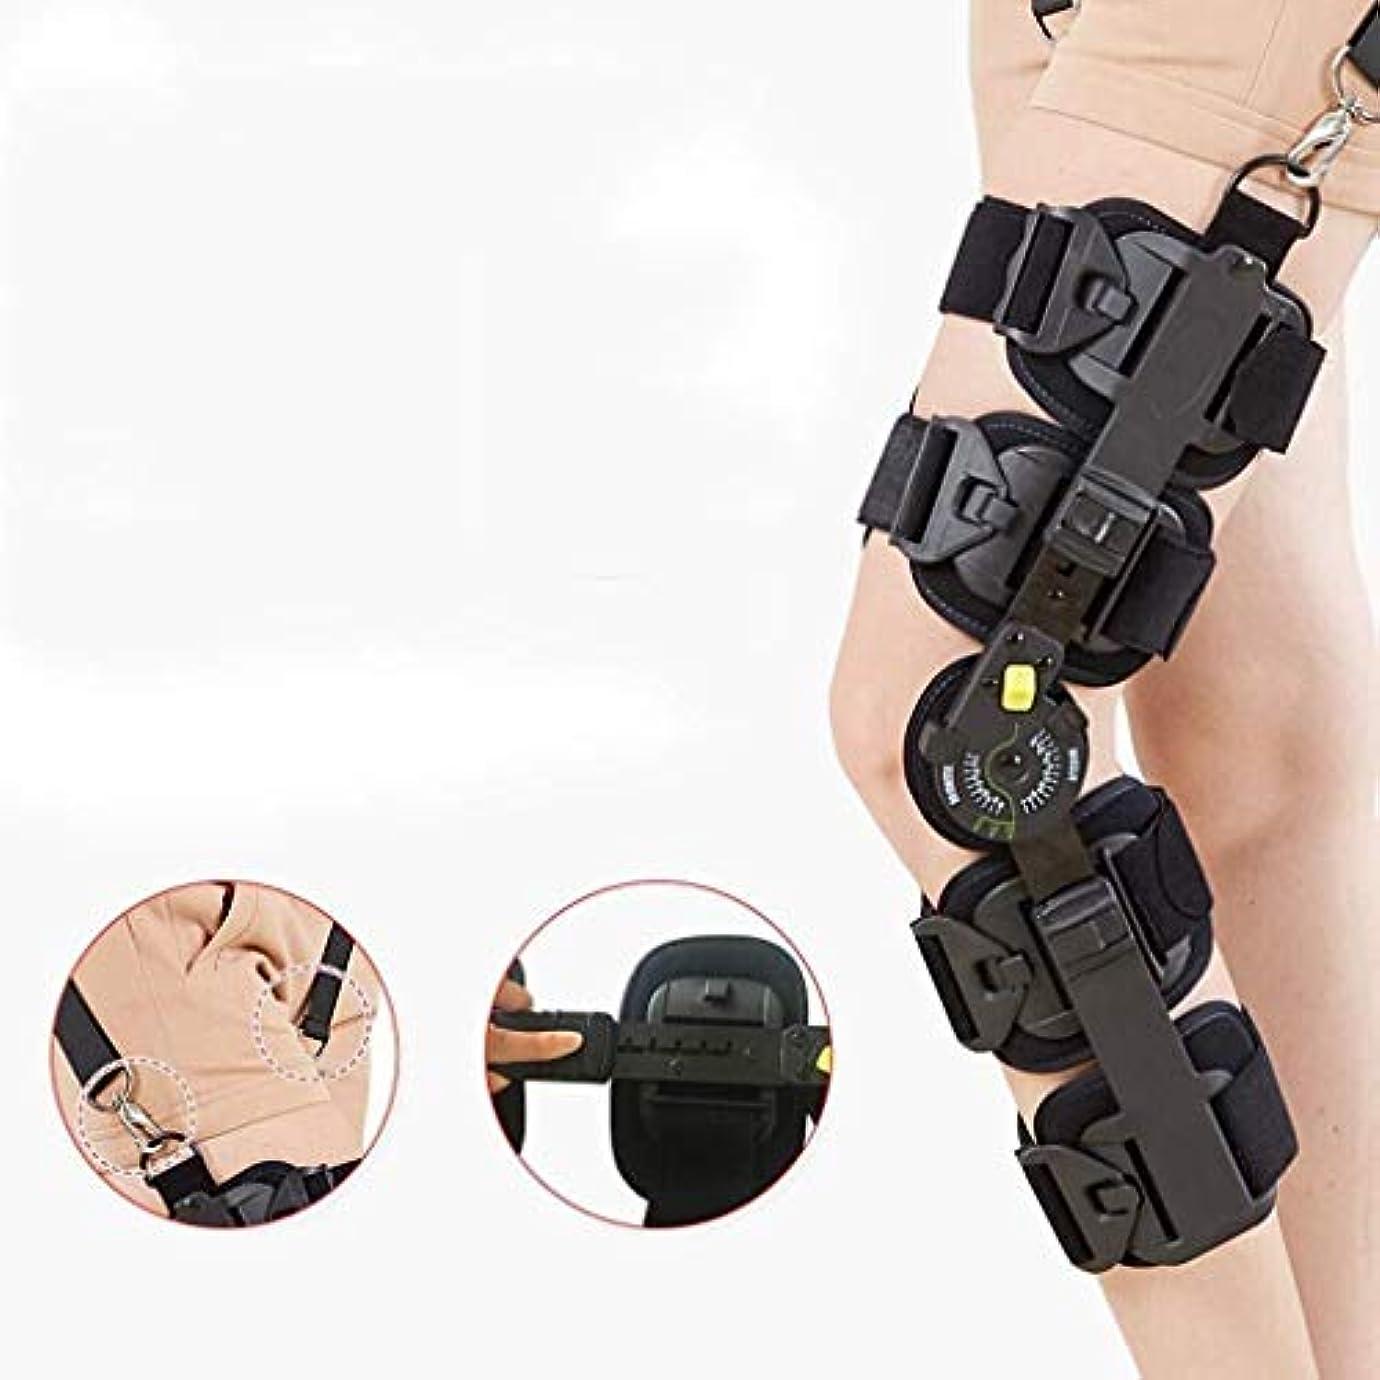 コンパクト水差し裏切るヒンジ付き膝装具膝固定器装具脚装具整形外科膝蓋骨サポート装具、術後ケア用の半月板靭帯損傷